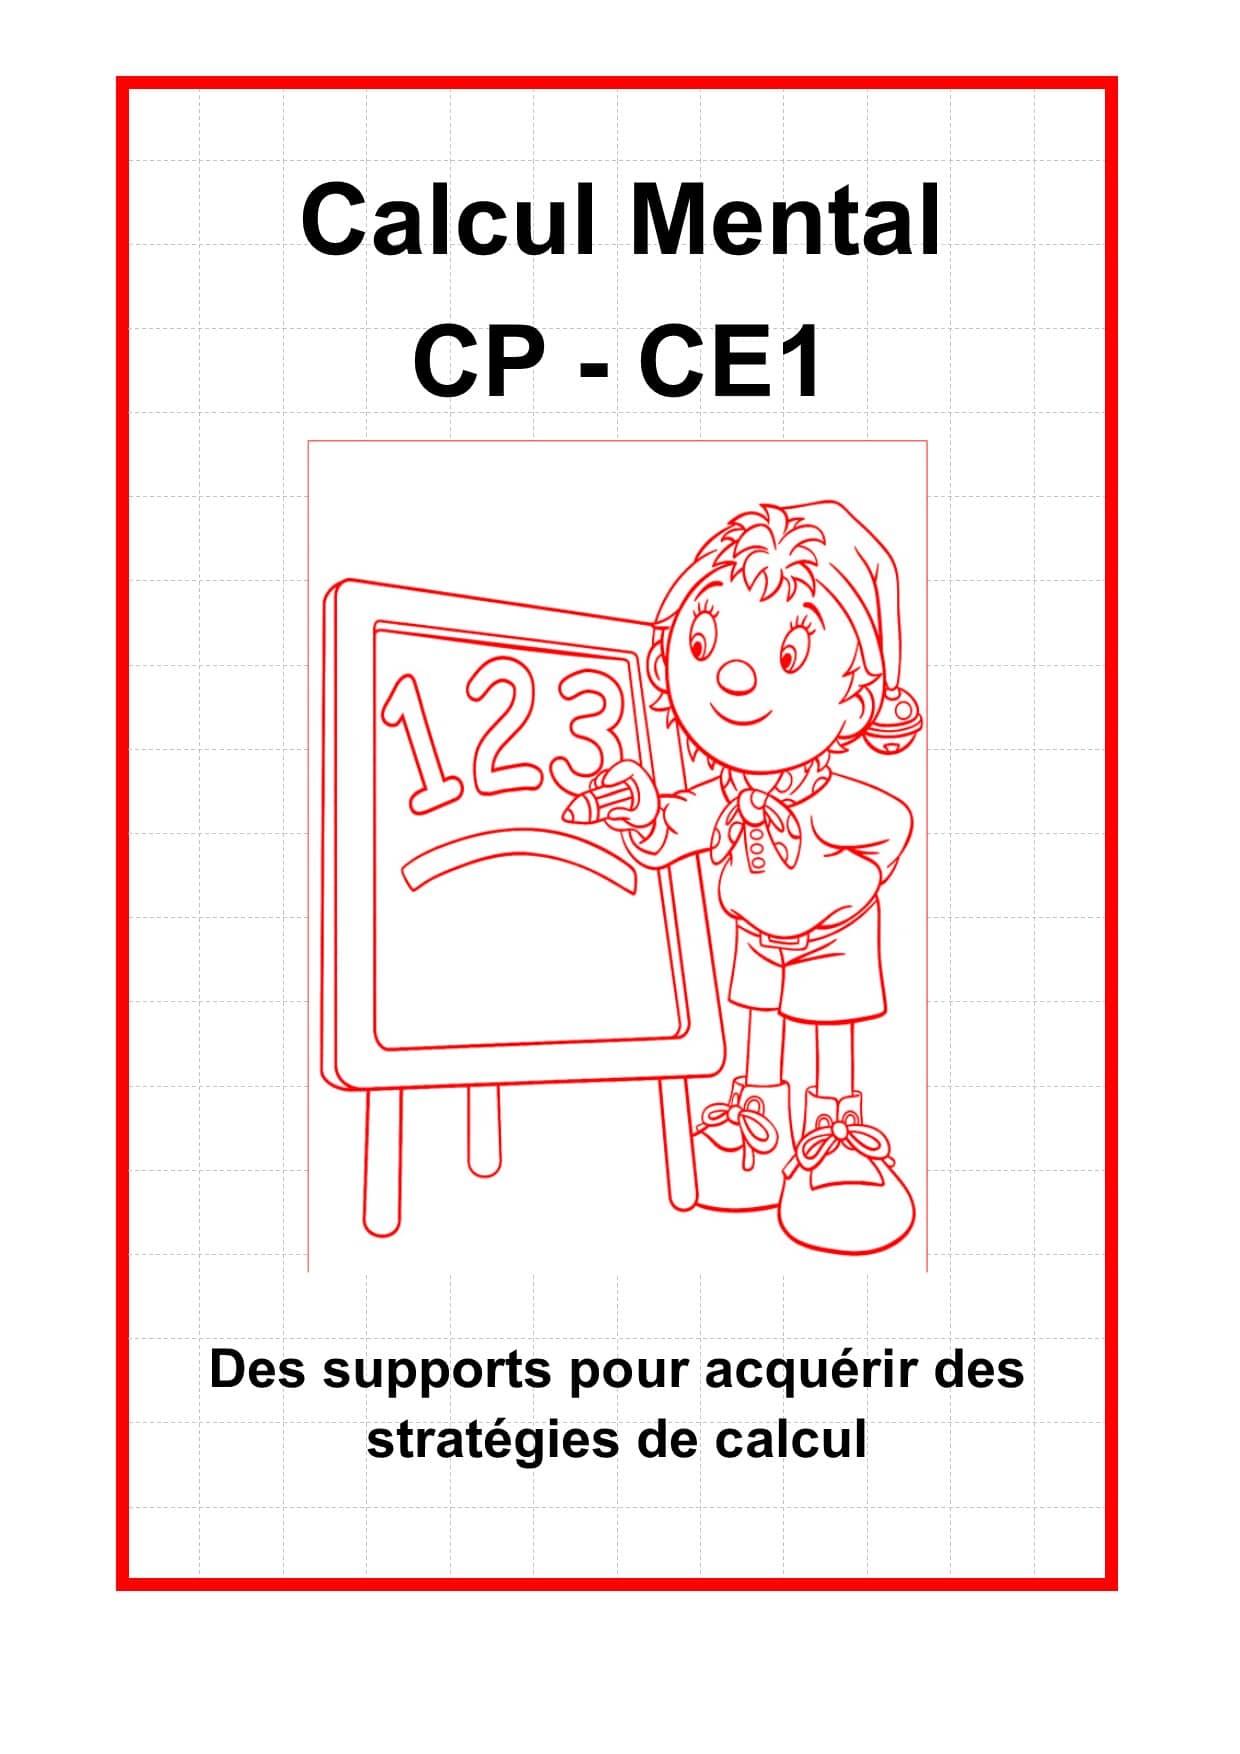 Calcul mental CP - CE1 - Mathématiques CE1, CP - La Salle des Maitres